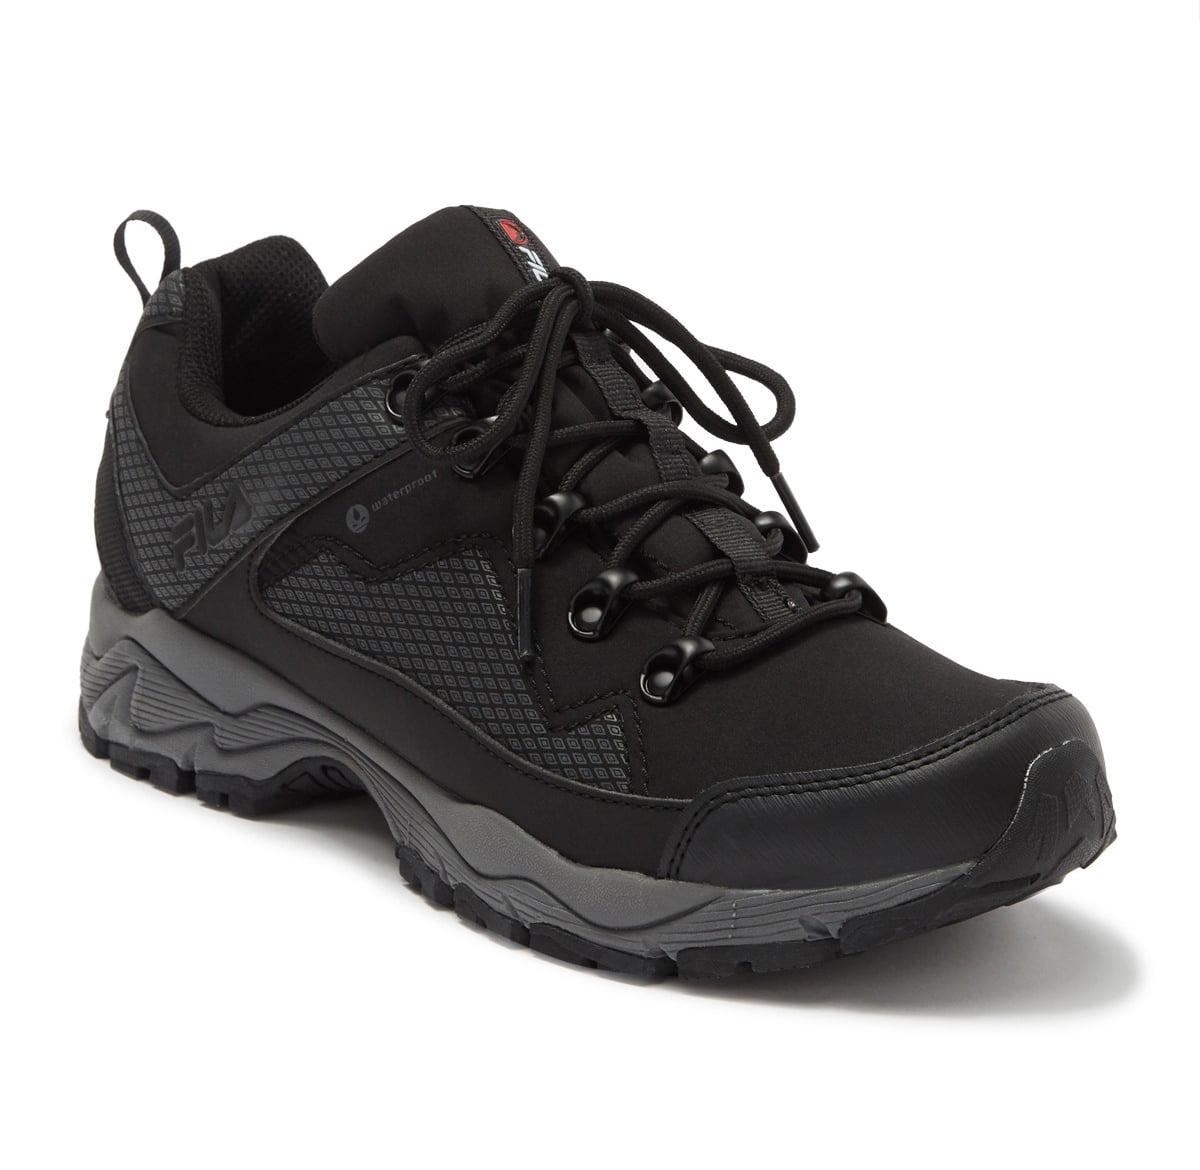 fila men's switchback 2 waterproof hiking sneaker